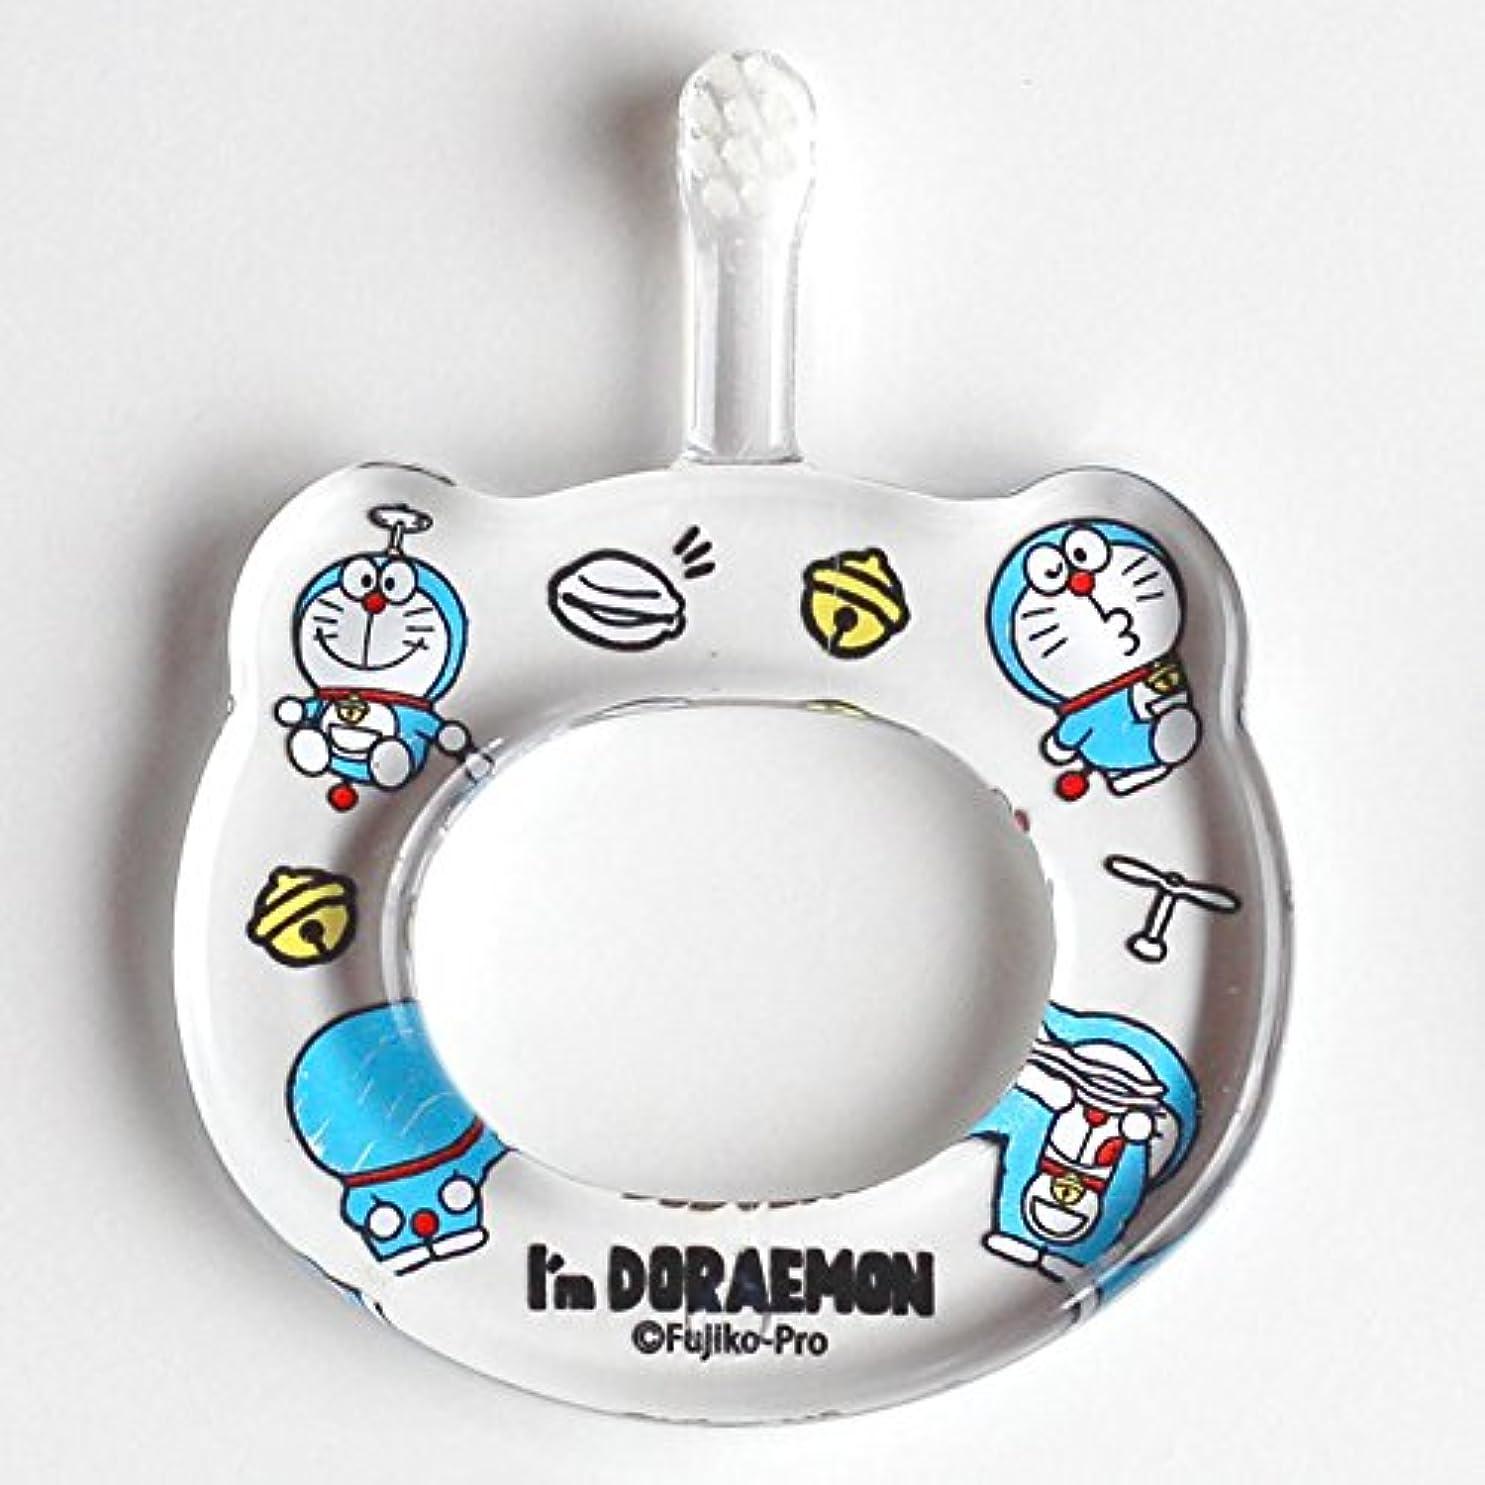 程度眼リゾートHAMICO ベビー歯ブラシ(キャラクター限定商品) ワンサイズ ドラえもん